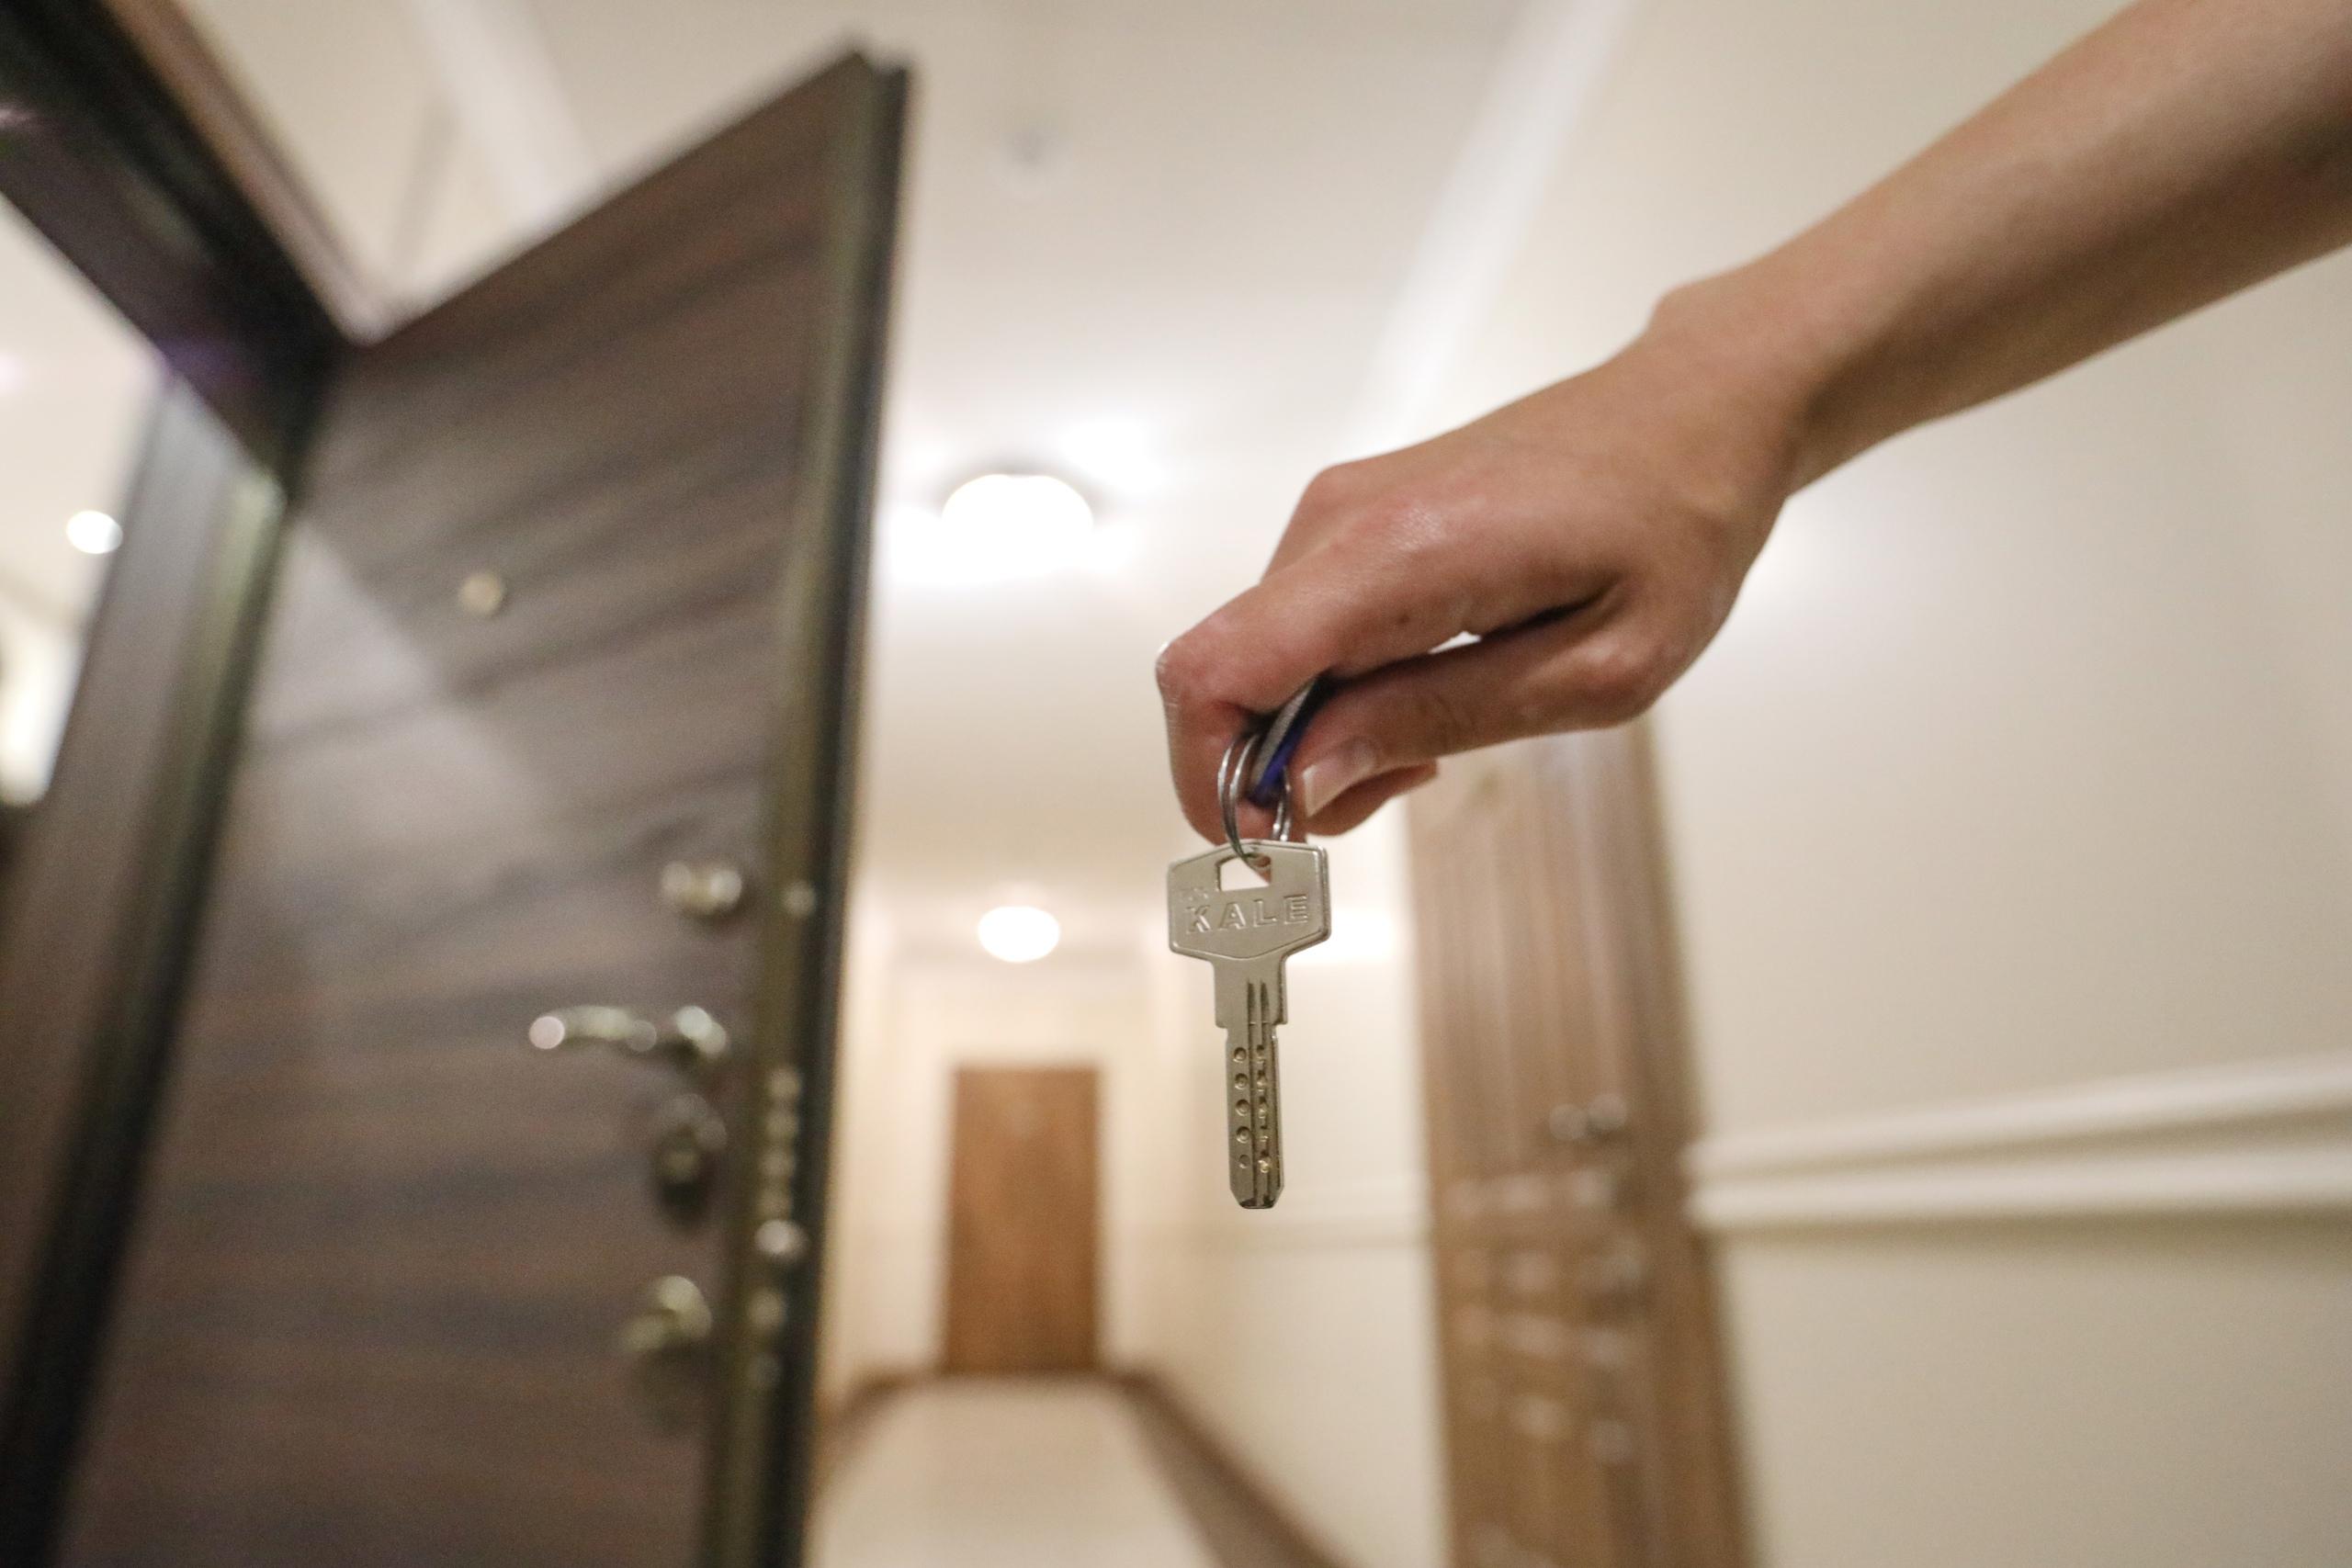 Cпрос на квартиры с террасами стал расти в прошлом году